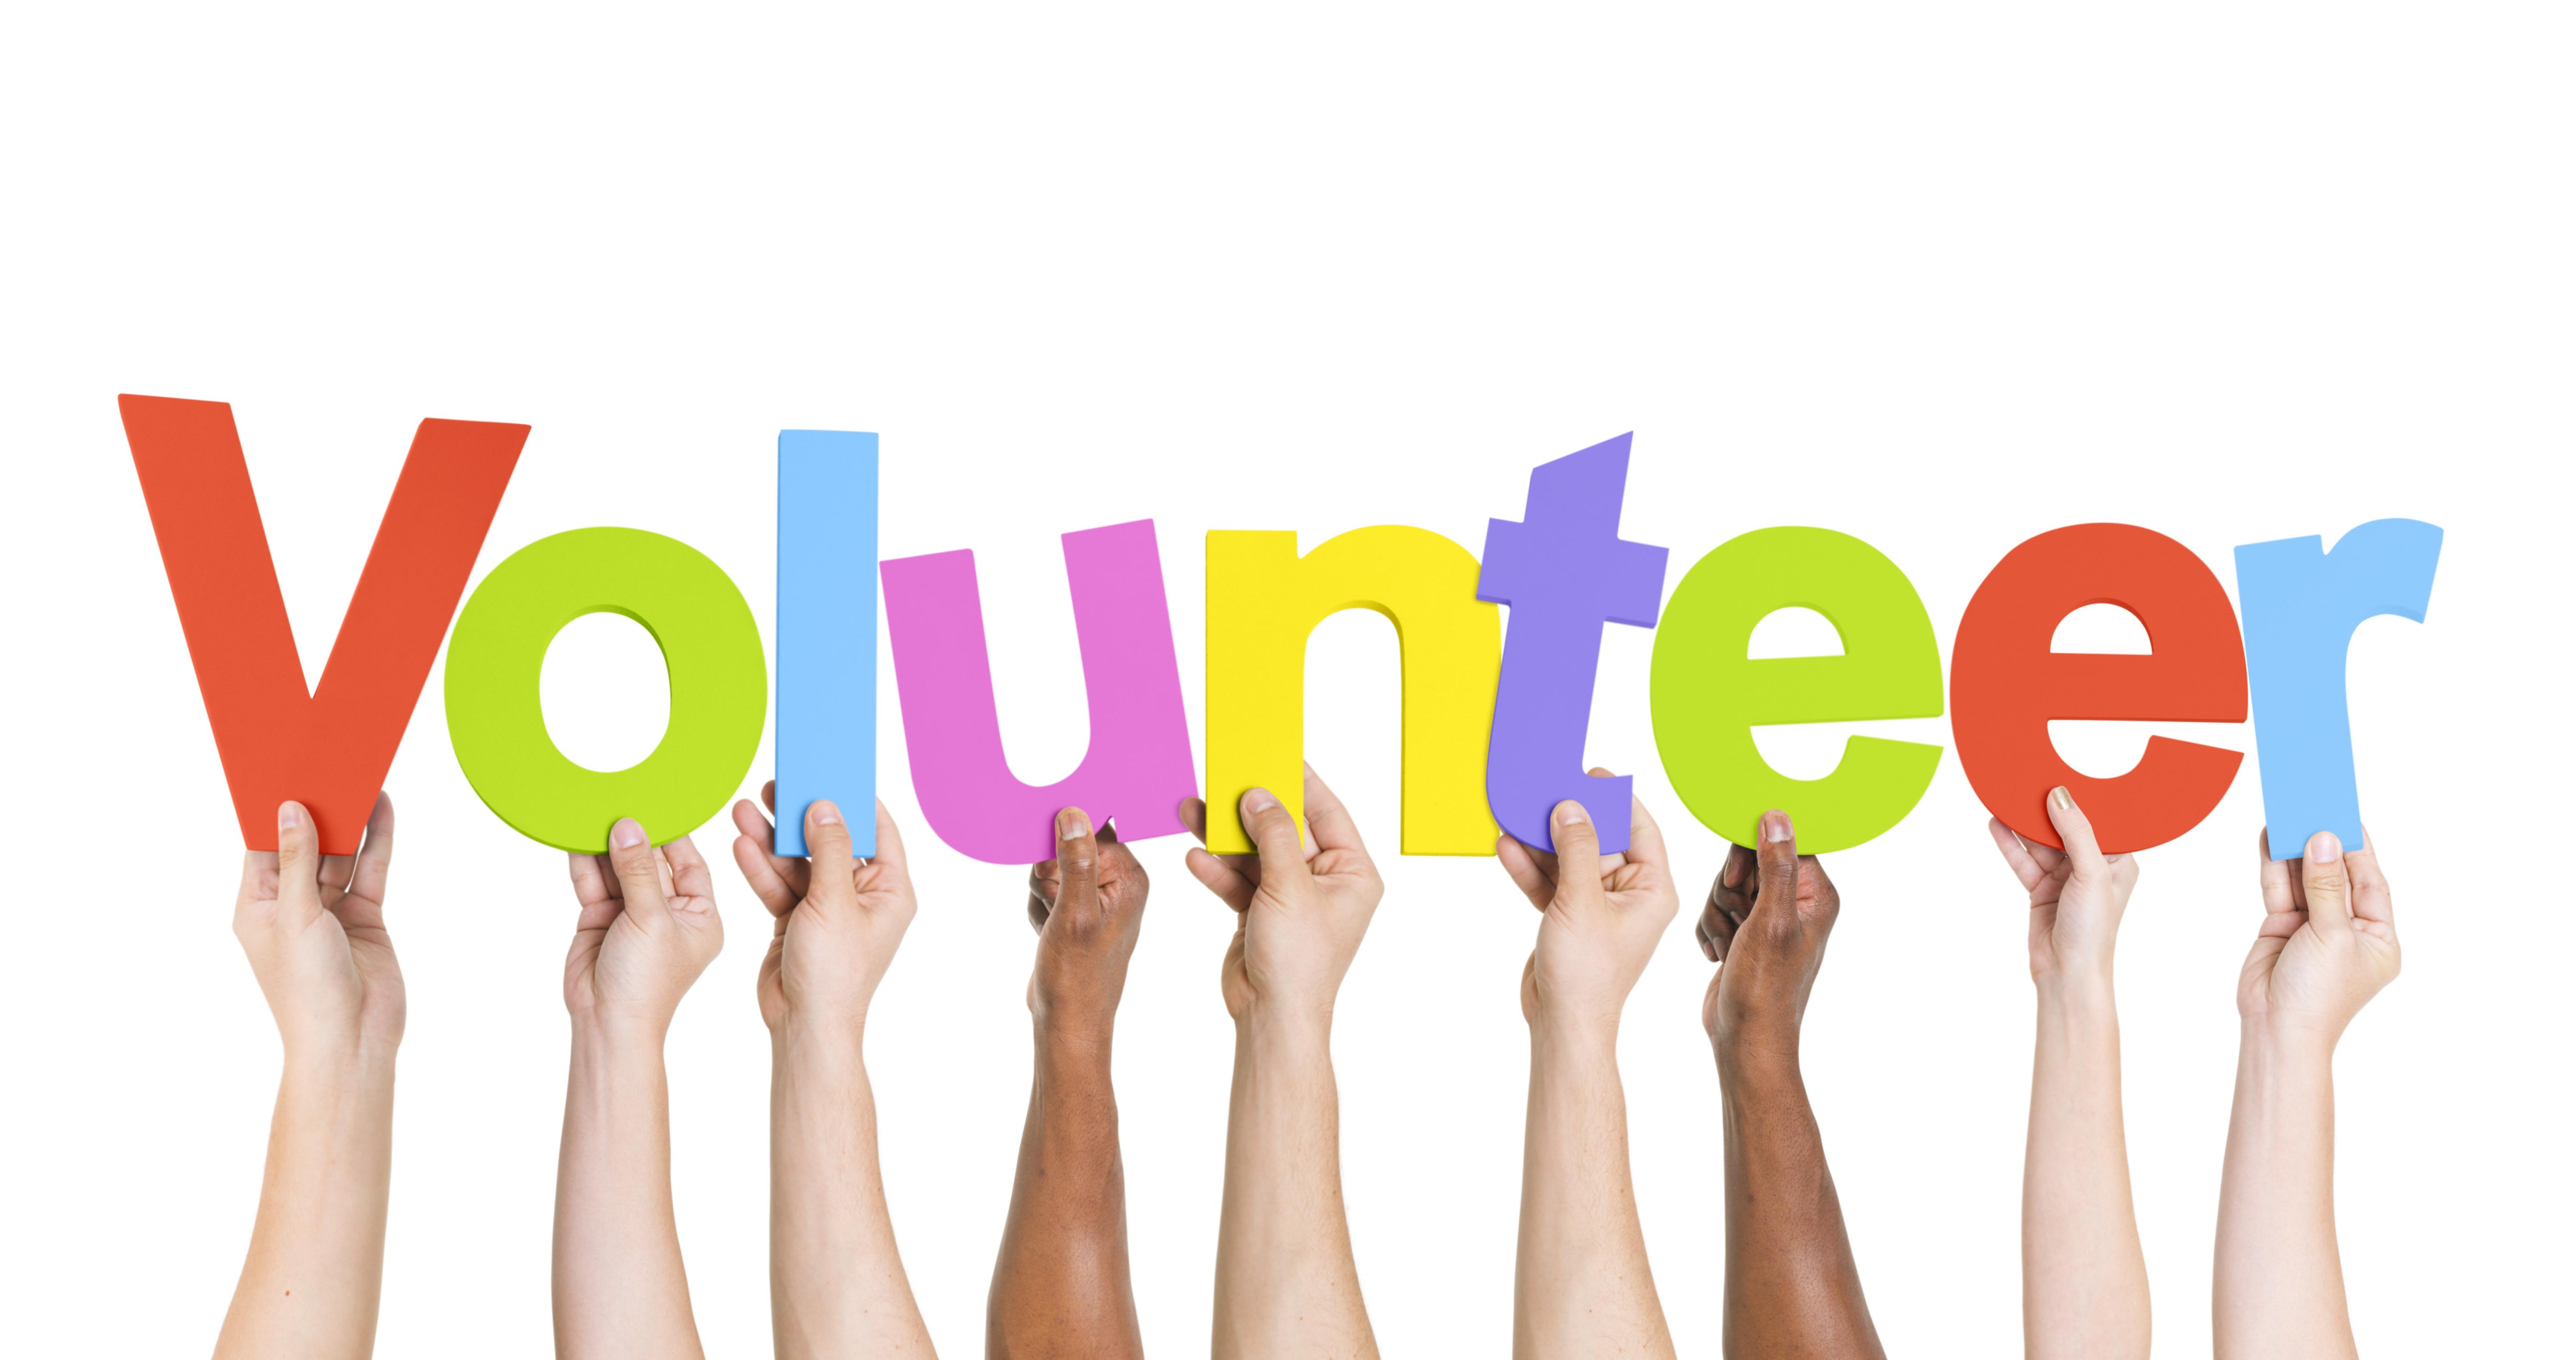 5598x2955 Volunteer